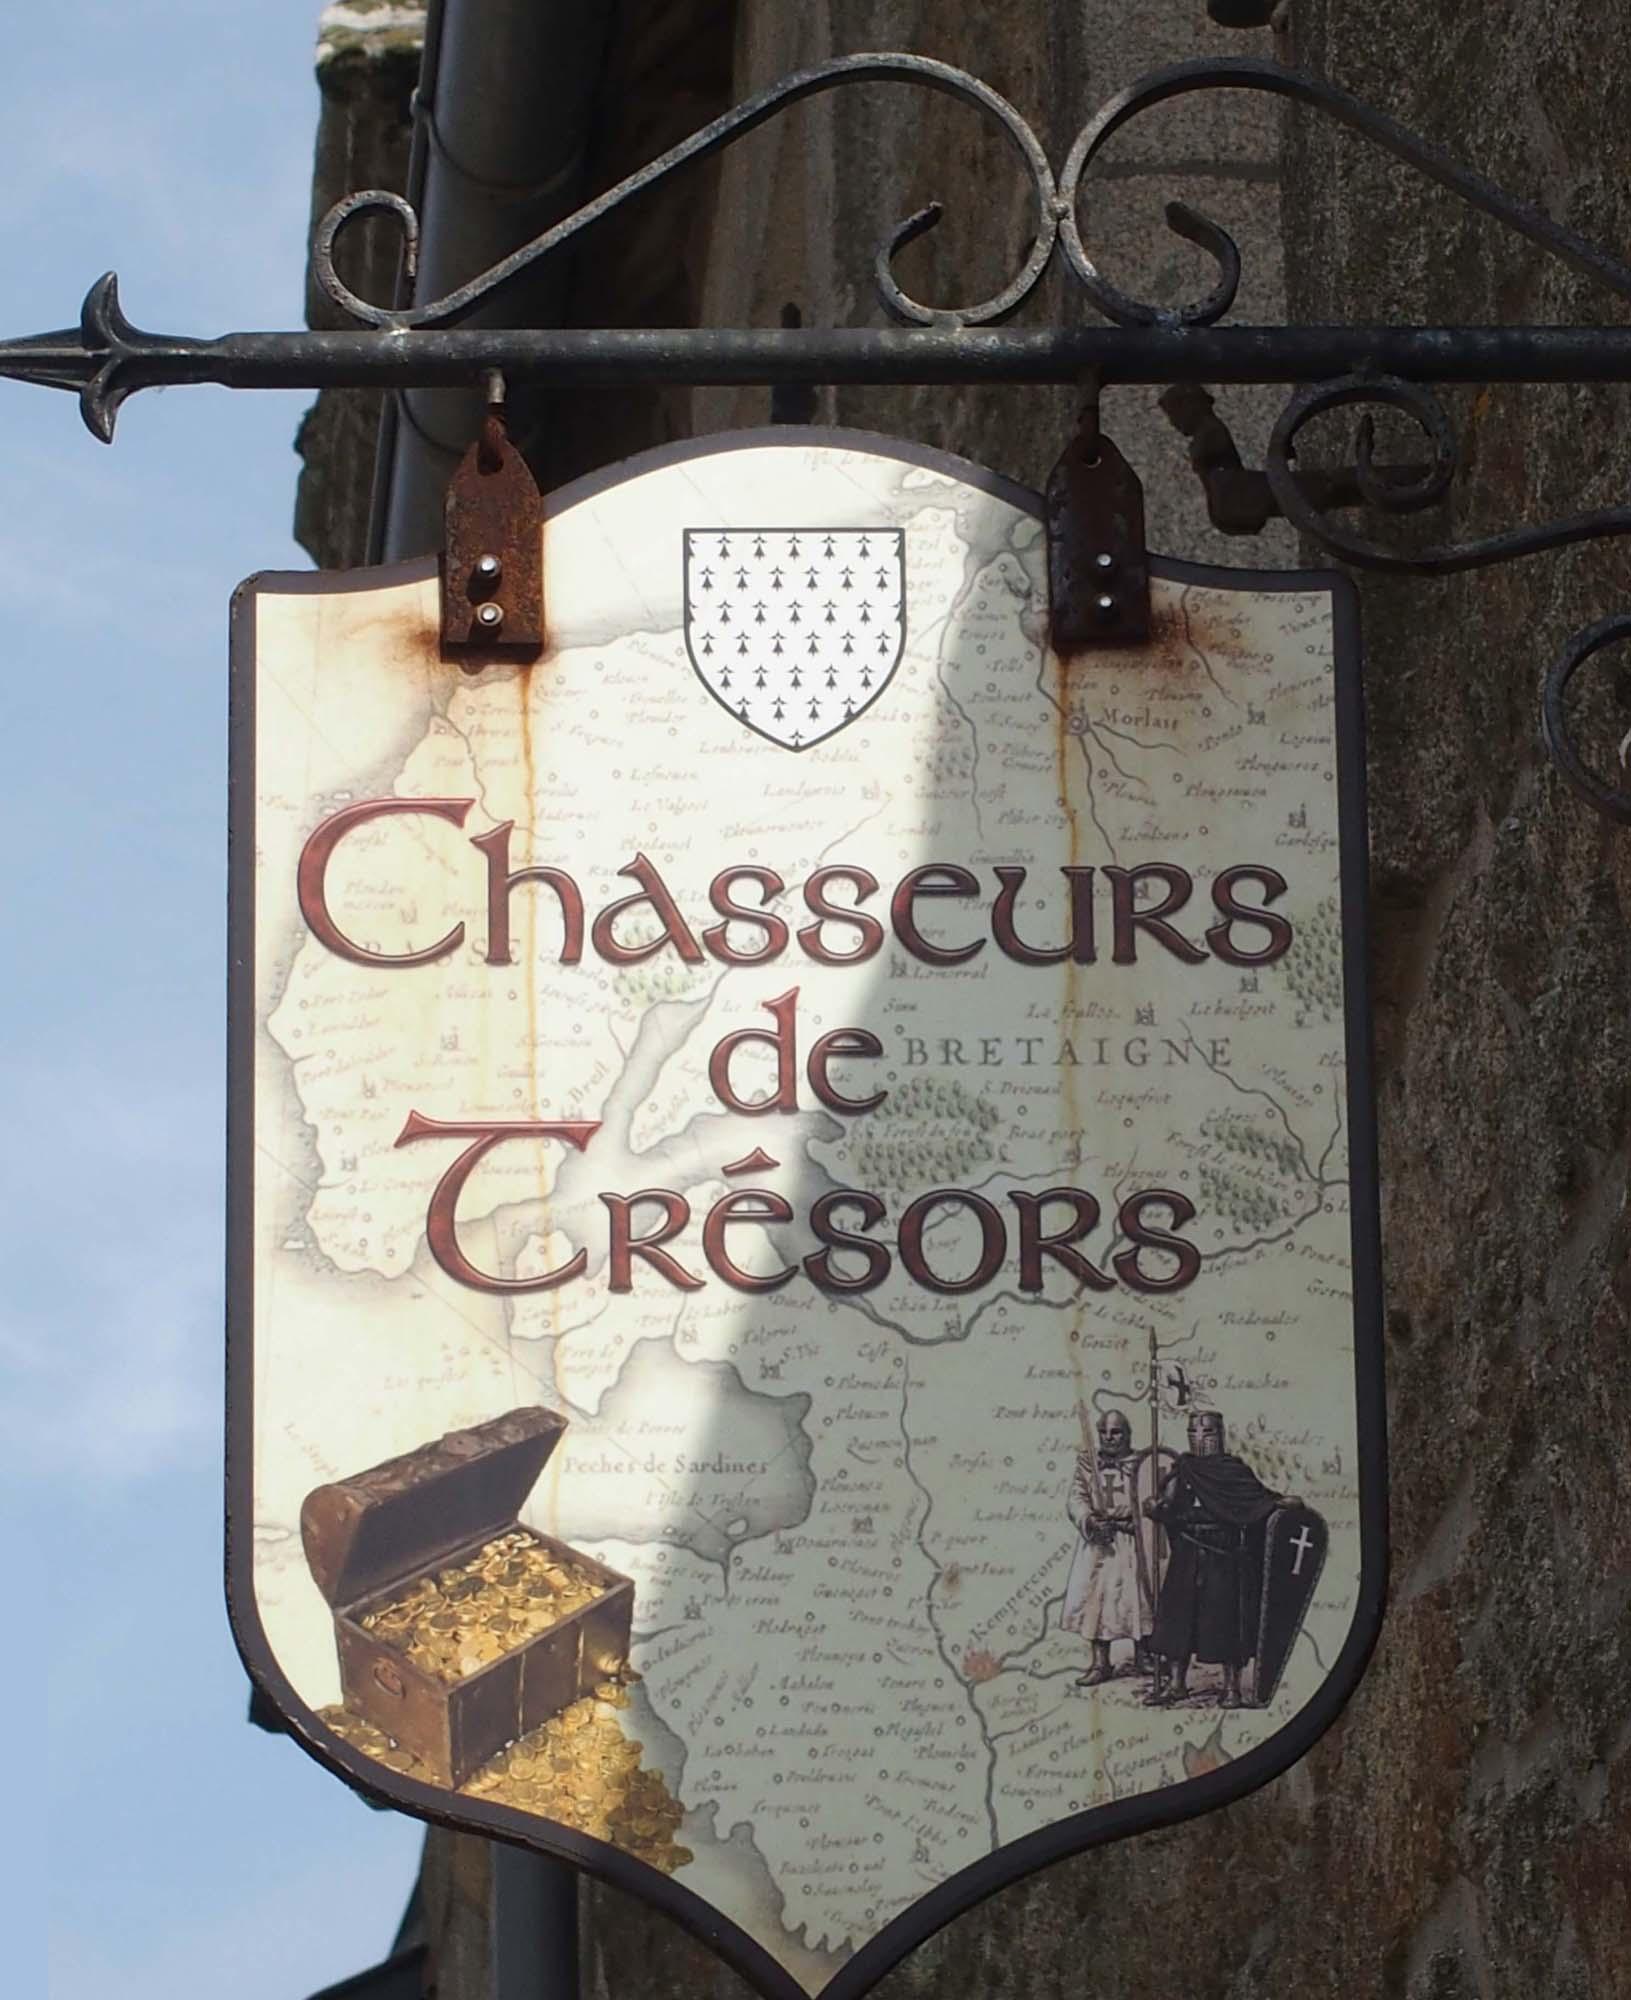 Chasseurs de trésors - Locronan